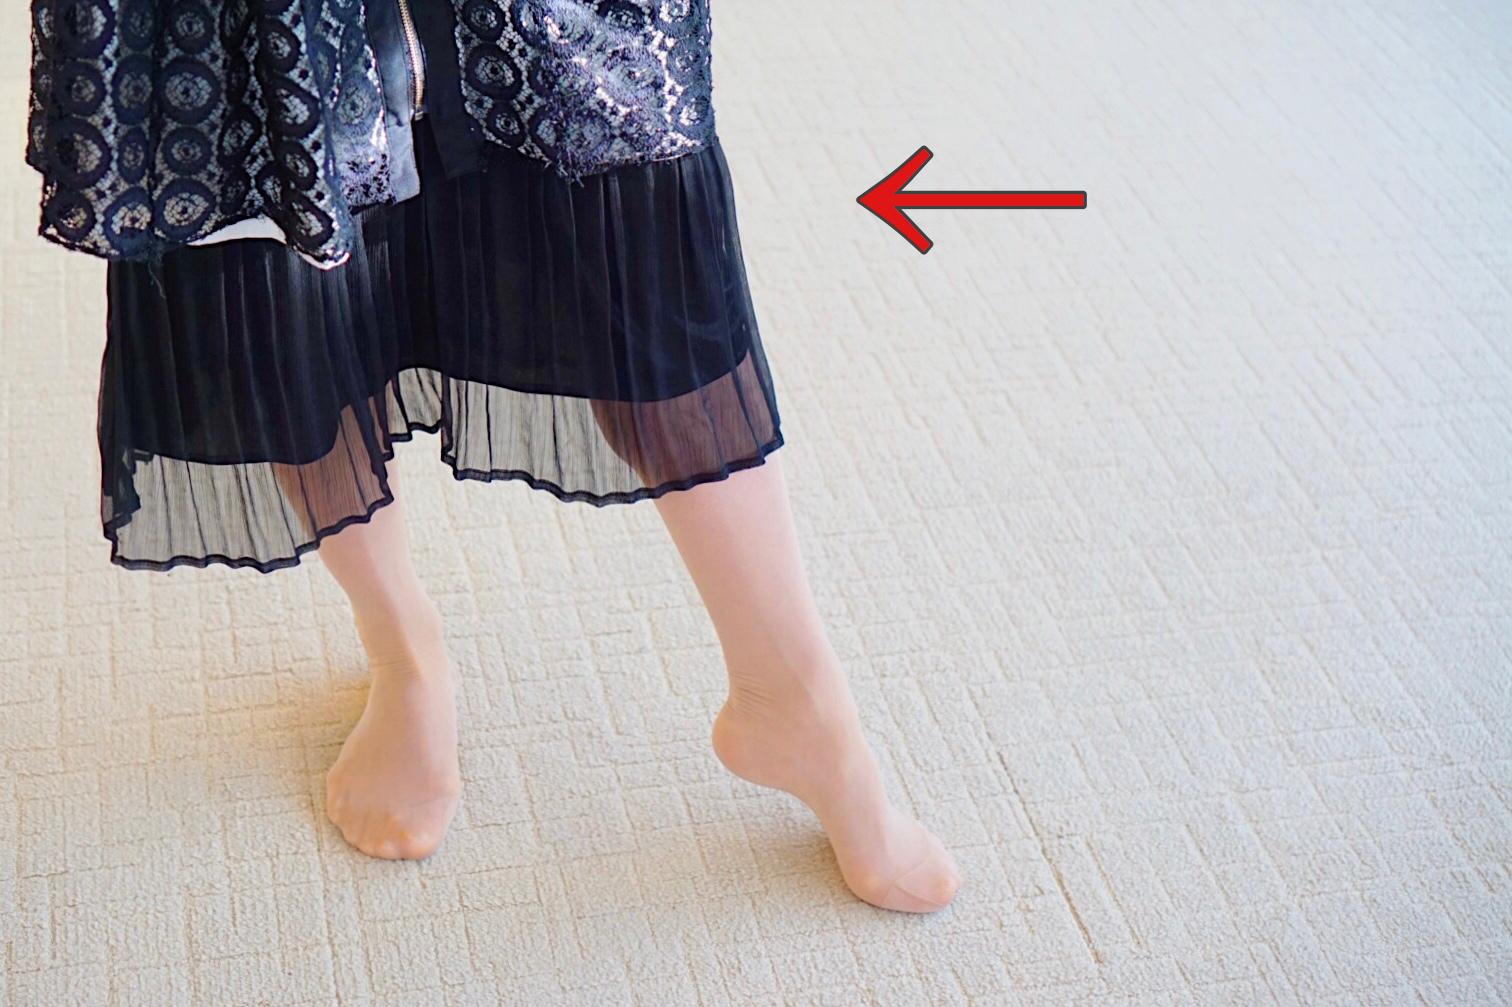 足指と膝を伸ばして一歩を出すイメージ